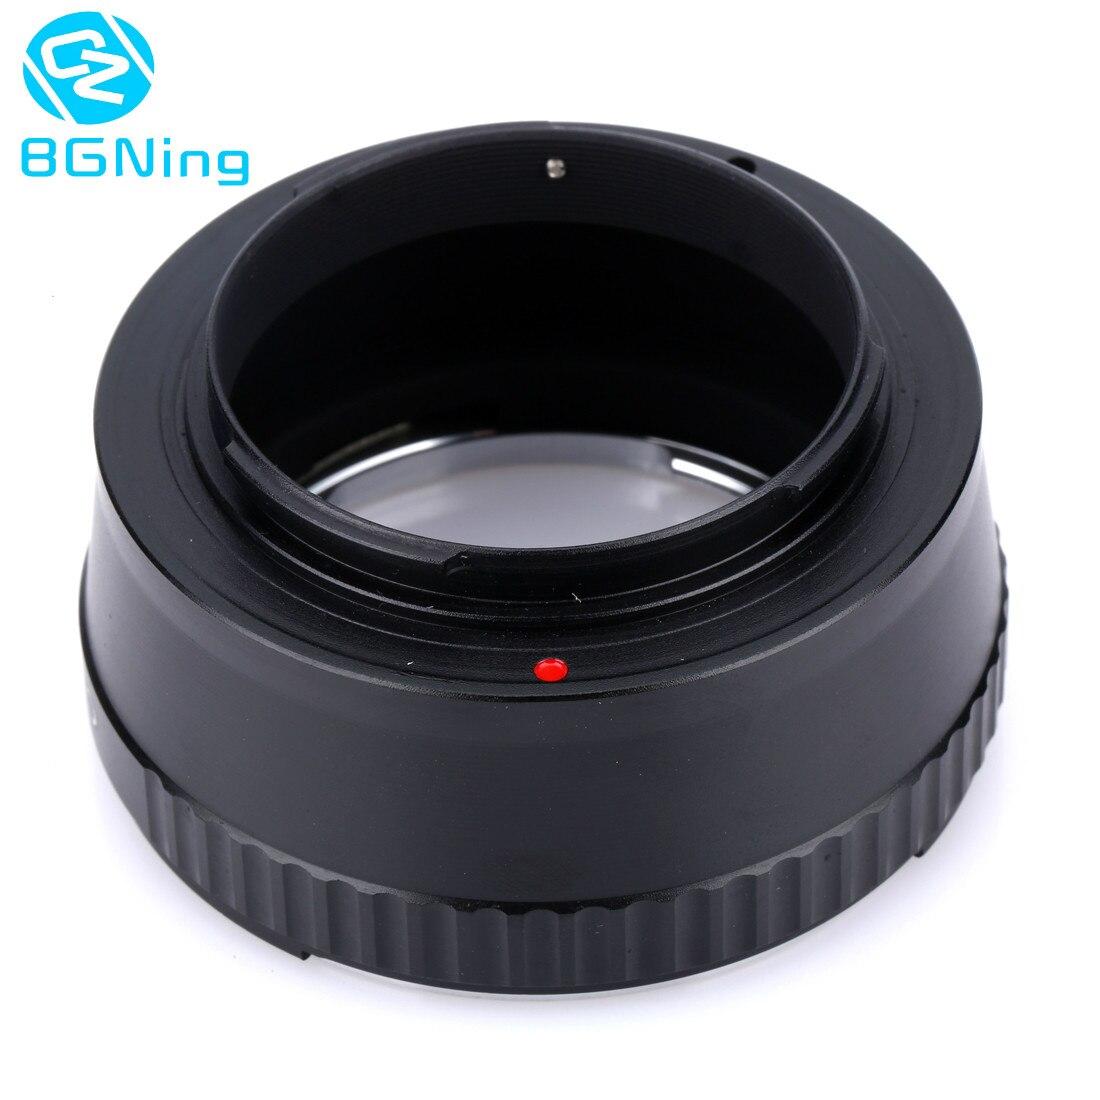 Accesorio de anillo adaptador de lente de cámara para lente Contax Yashica C/Y CY para Sony Alpha NEX e-mount NEX-3N NEX-6 a E Mount